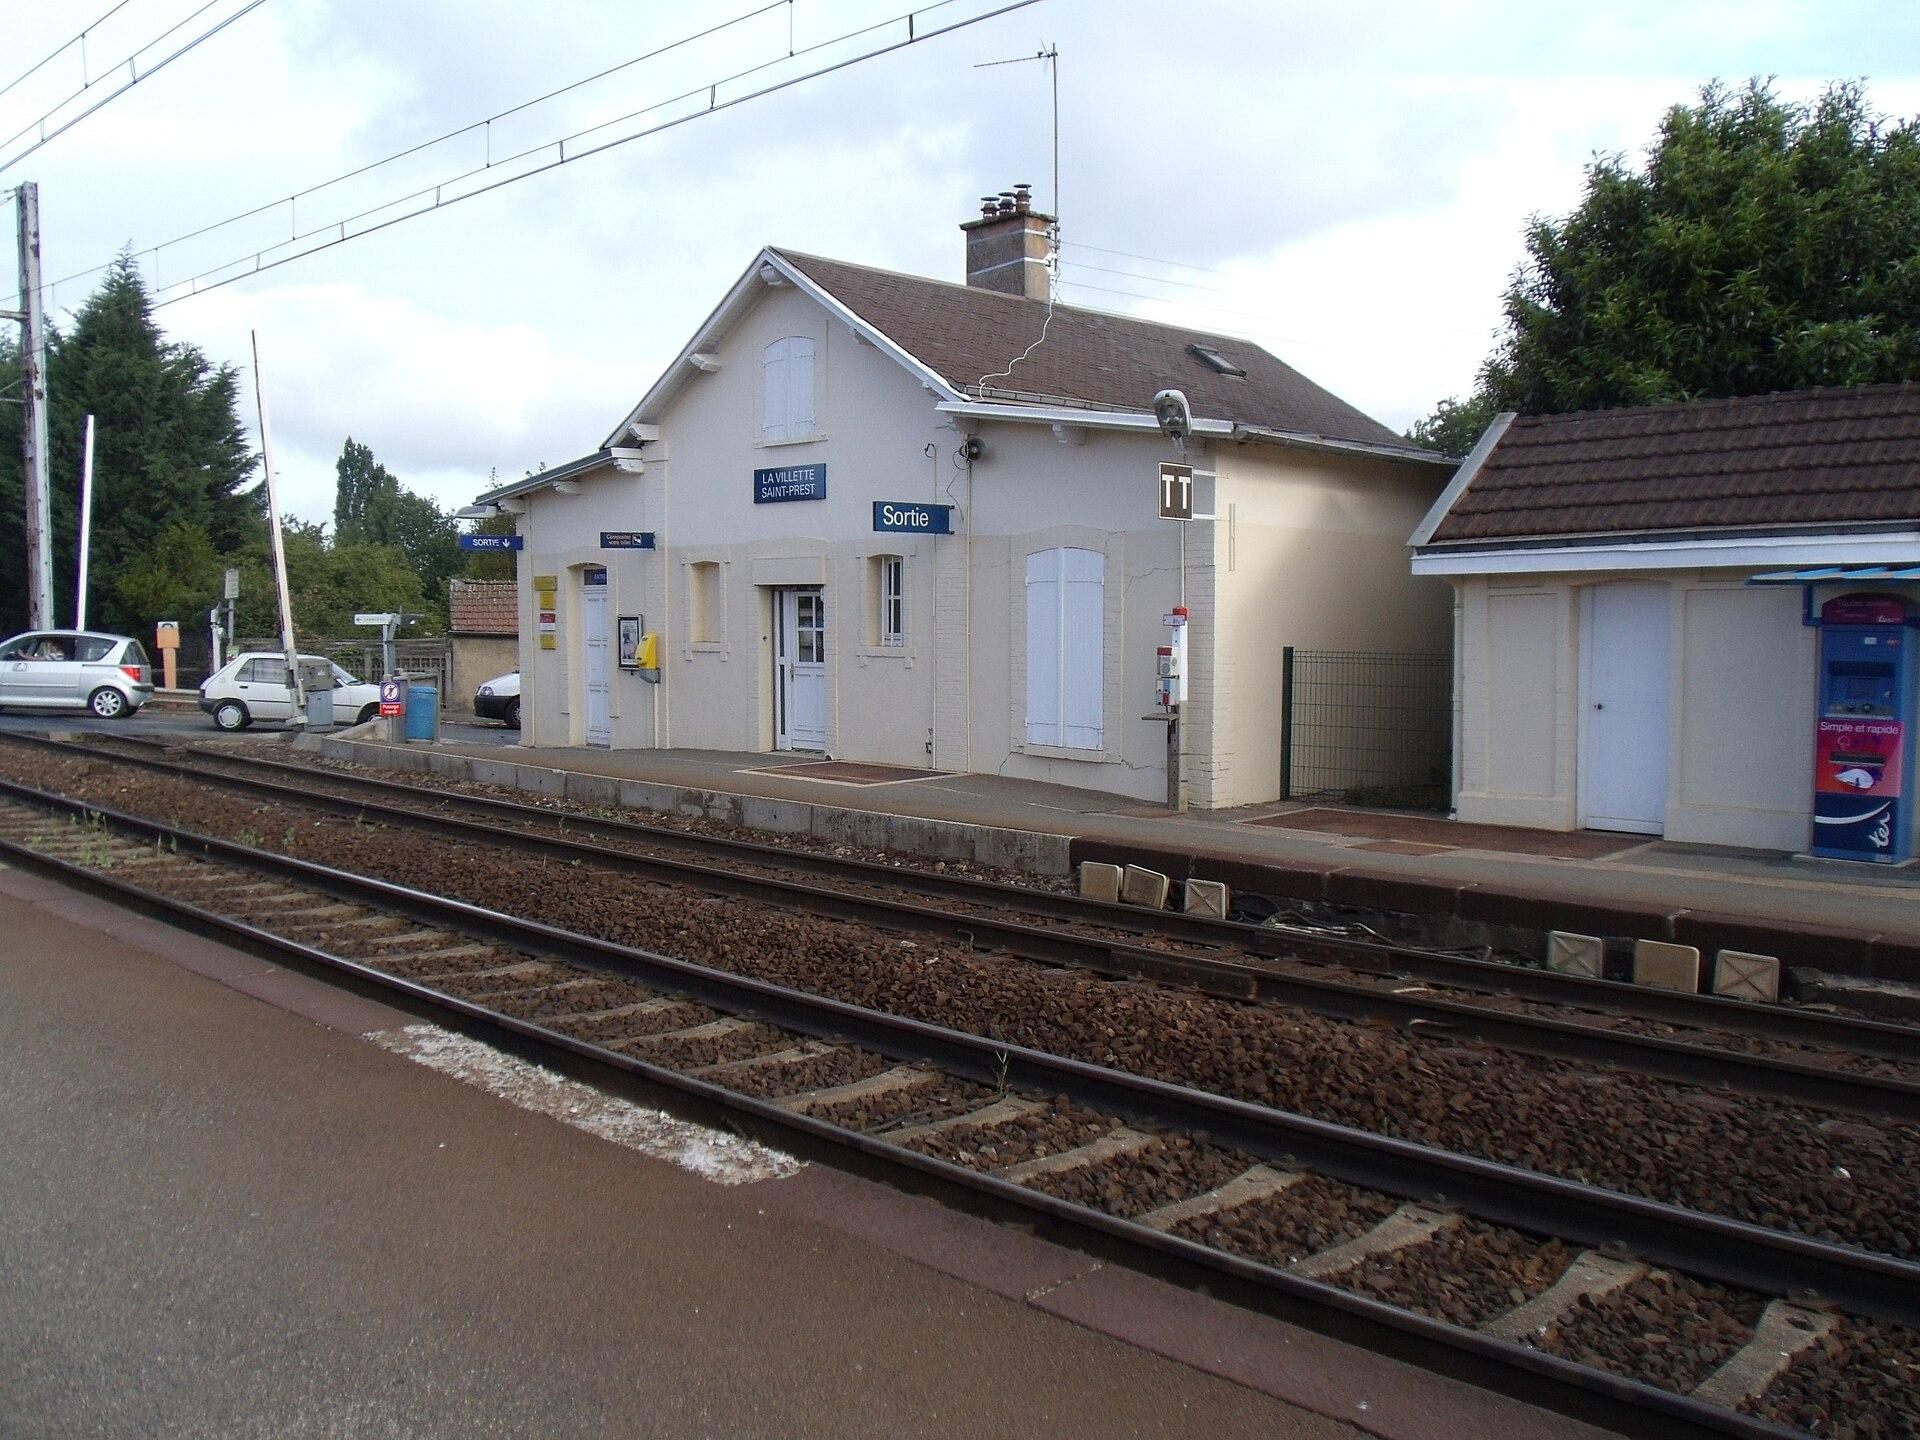 Gare de la villette saint prest wikip dia for Garage de la gare bretigny